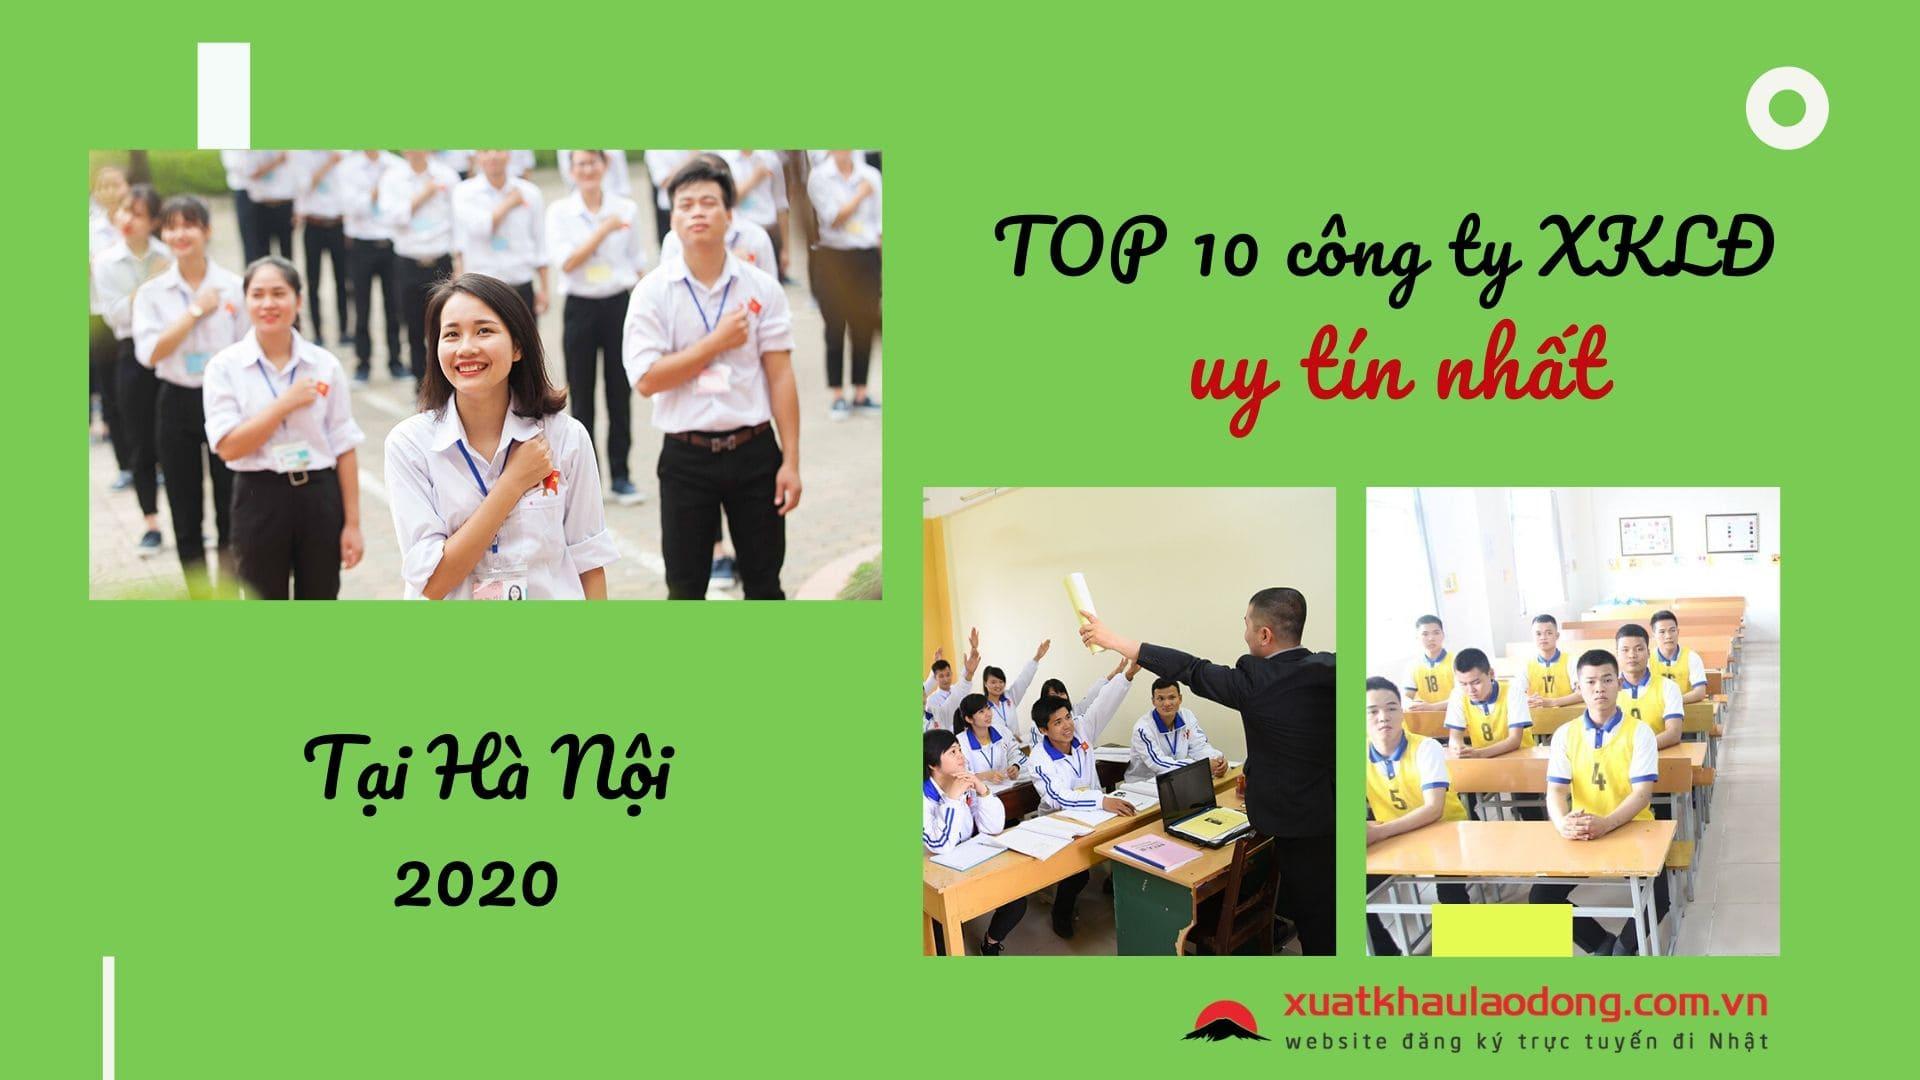 Đánh giá Top 10 công ty xuất khẩu lao động Nhật Bản tại Hà Nội